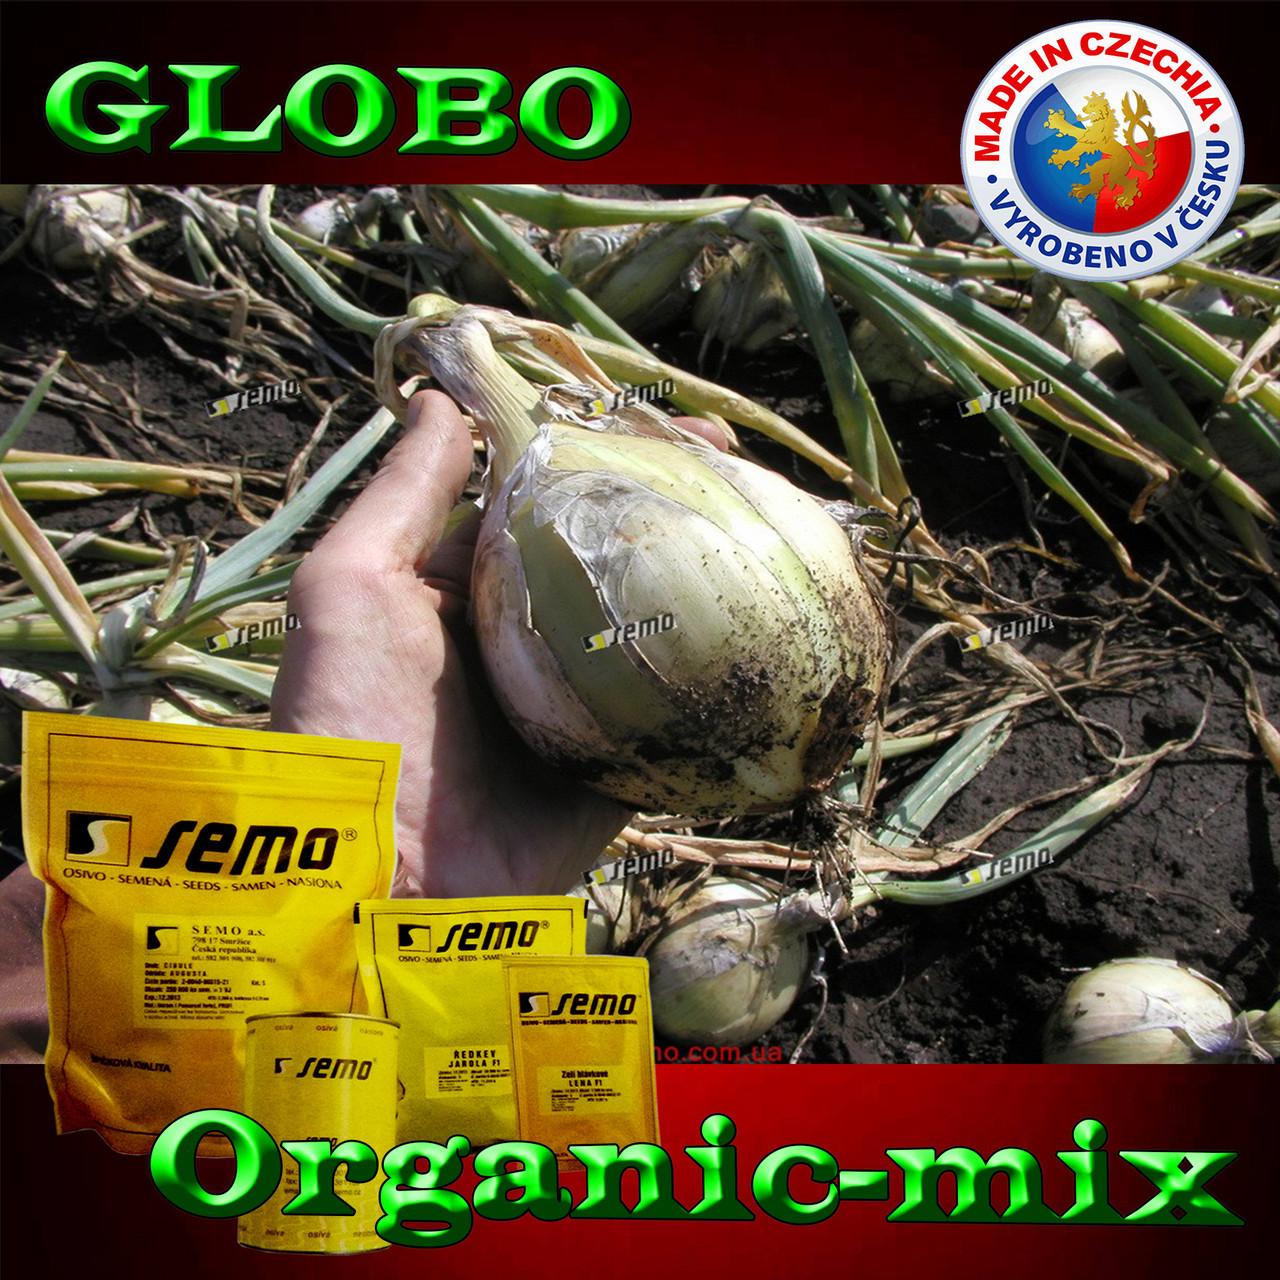 Семена, Лук сверх крупный Глобо, ТМ SEMO (Чехия), 25 грамм, проф.пакет